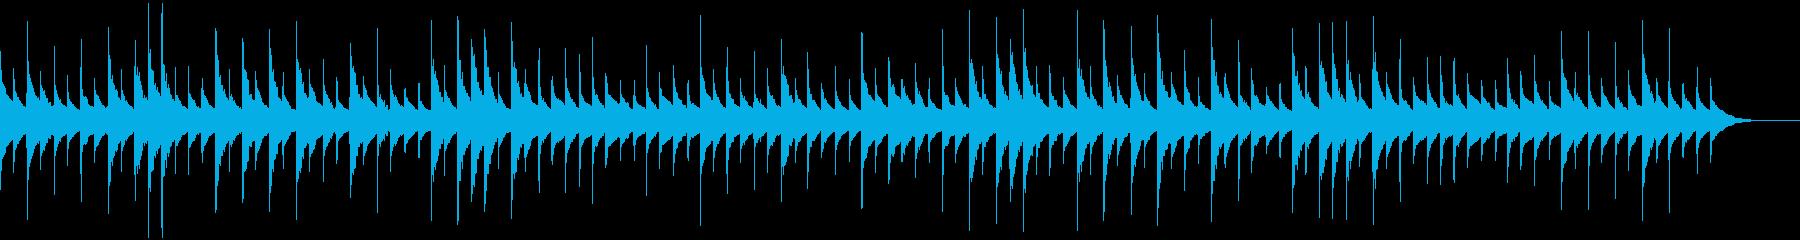 七夕さま (オルゴール)の再生済みの波形